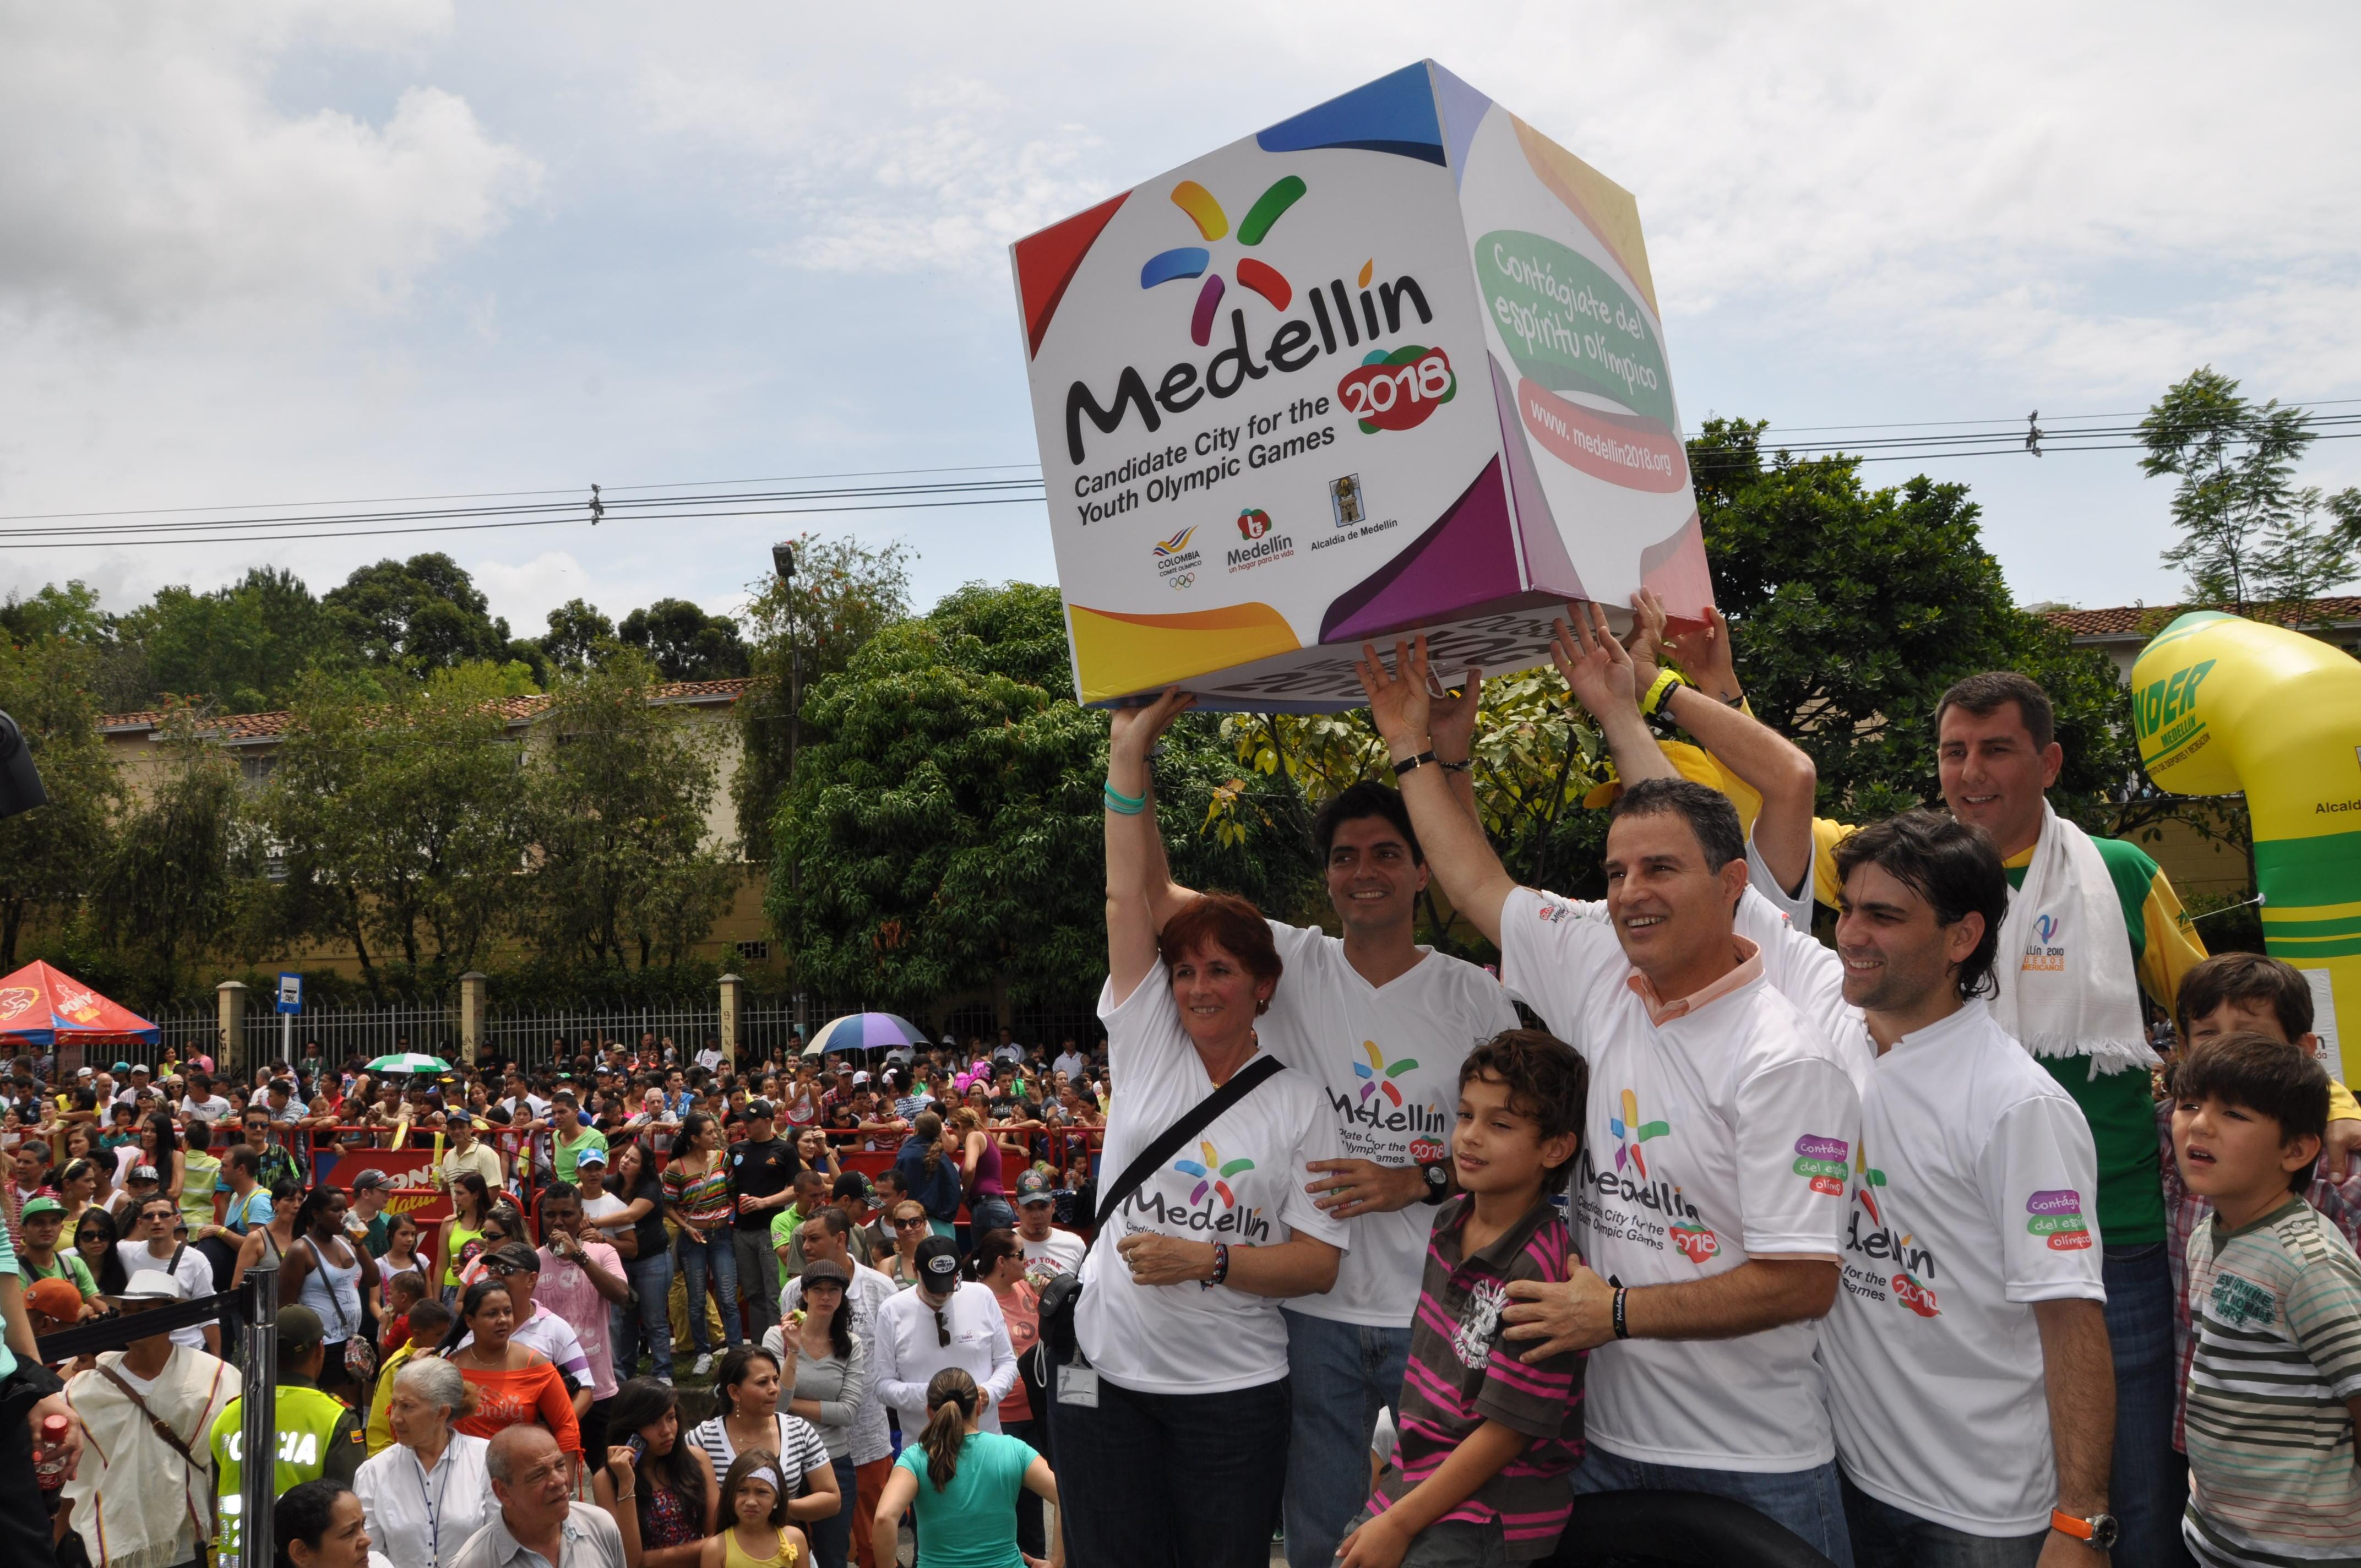 Medellin 2018